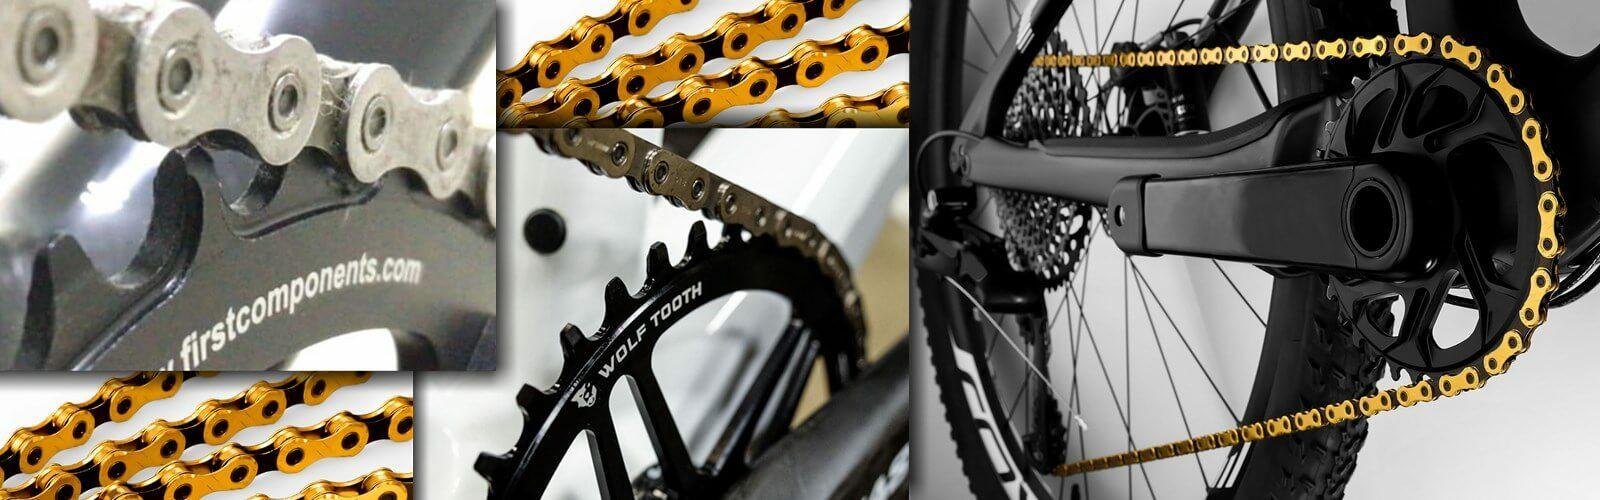 11k_12 dolog amit a kerékpárláncról tudni kell